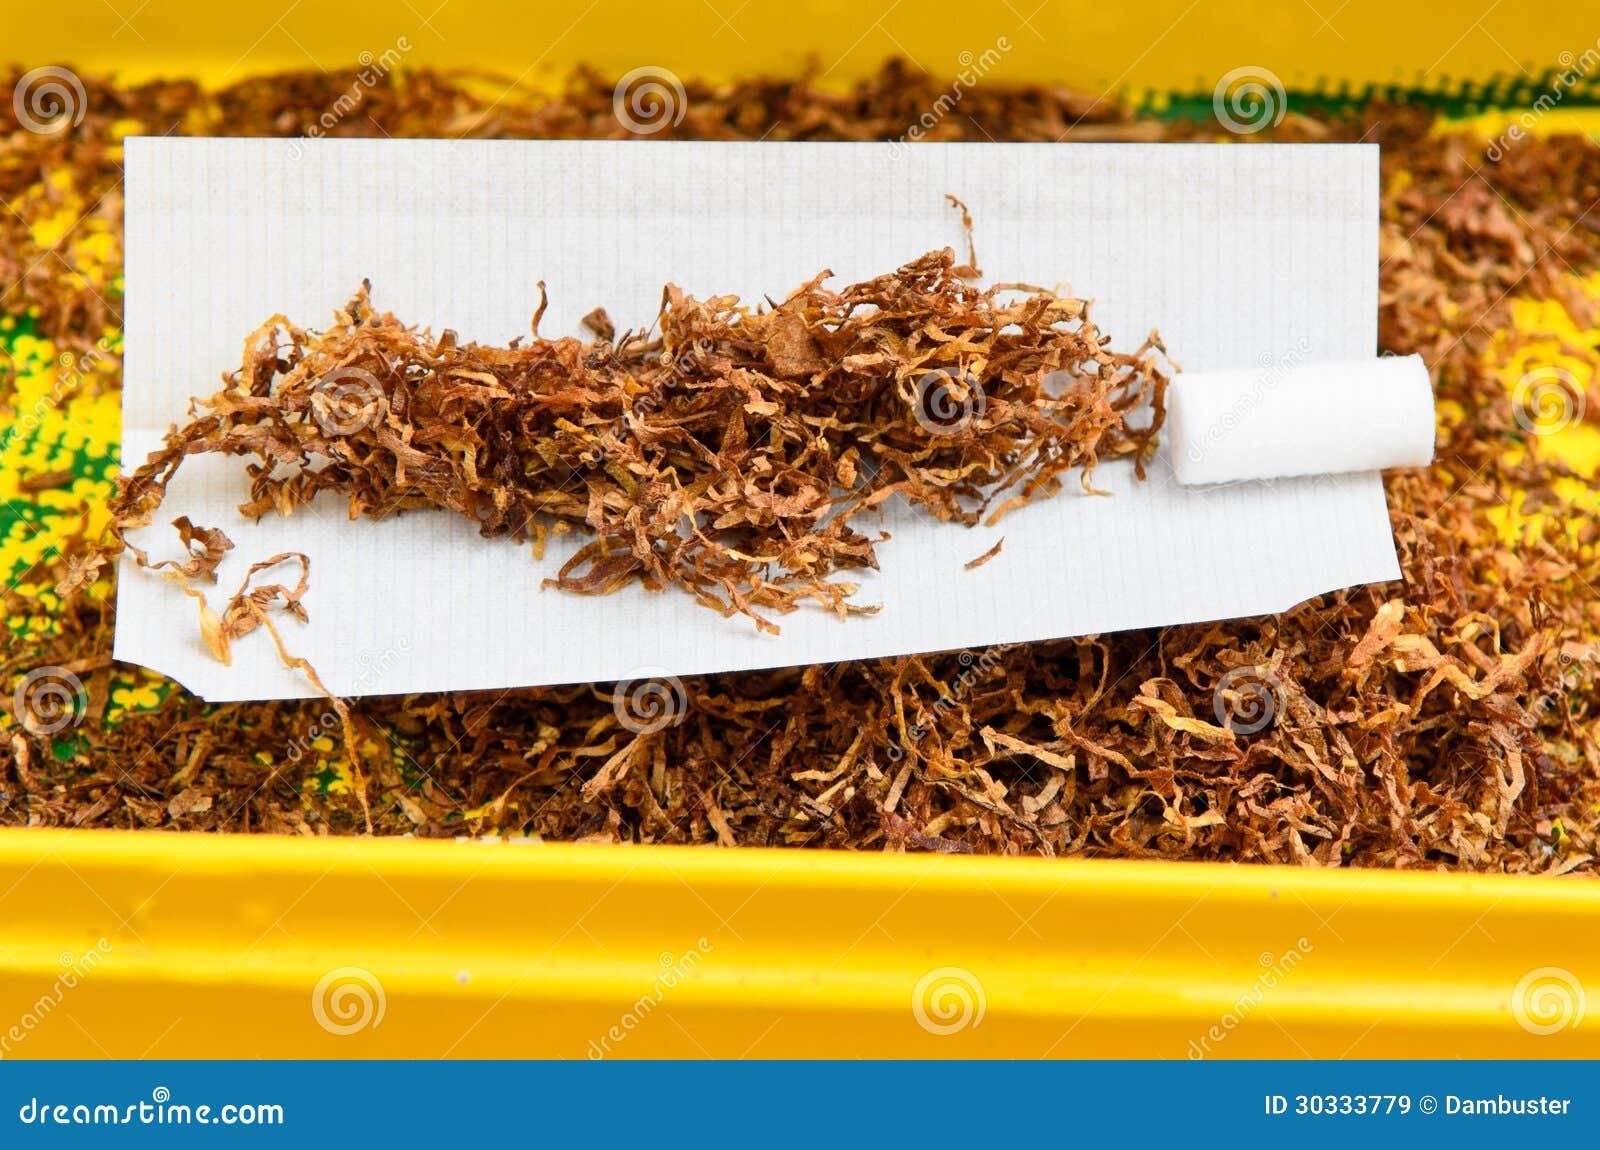 手摇的香烟烟草